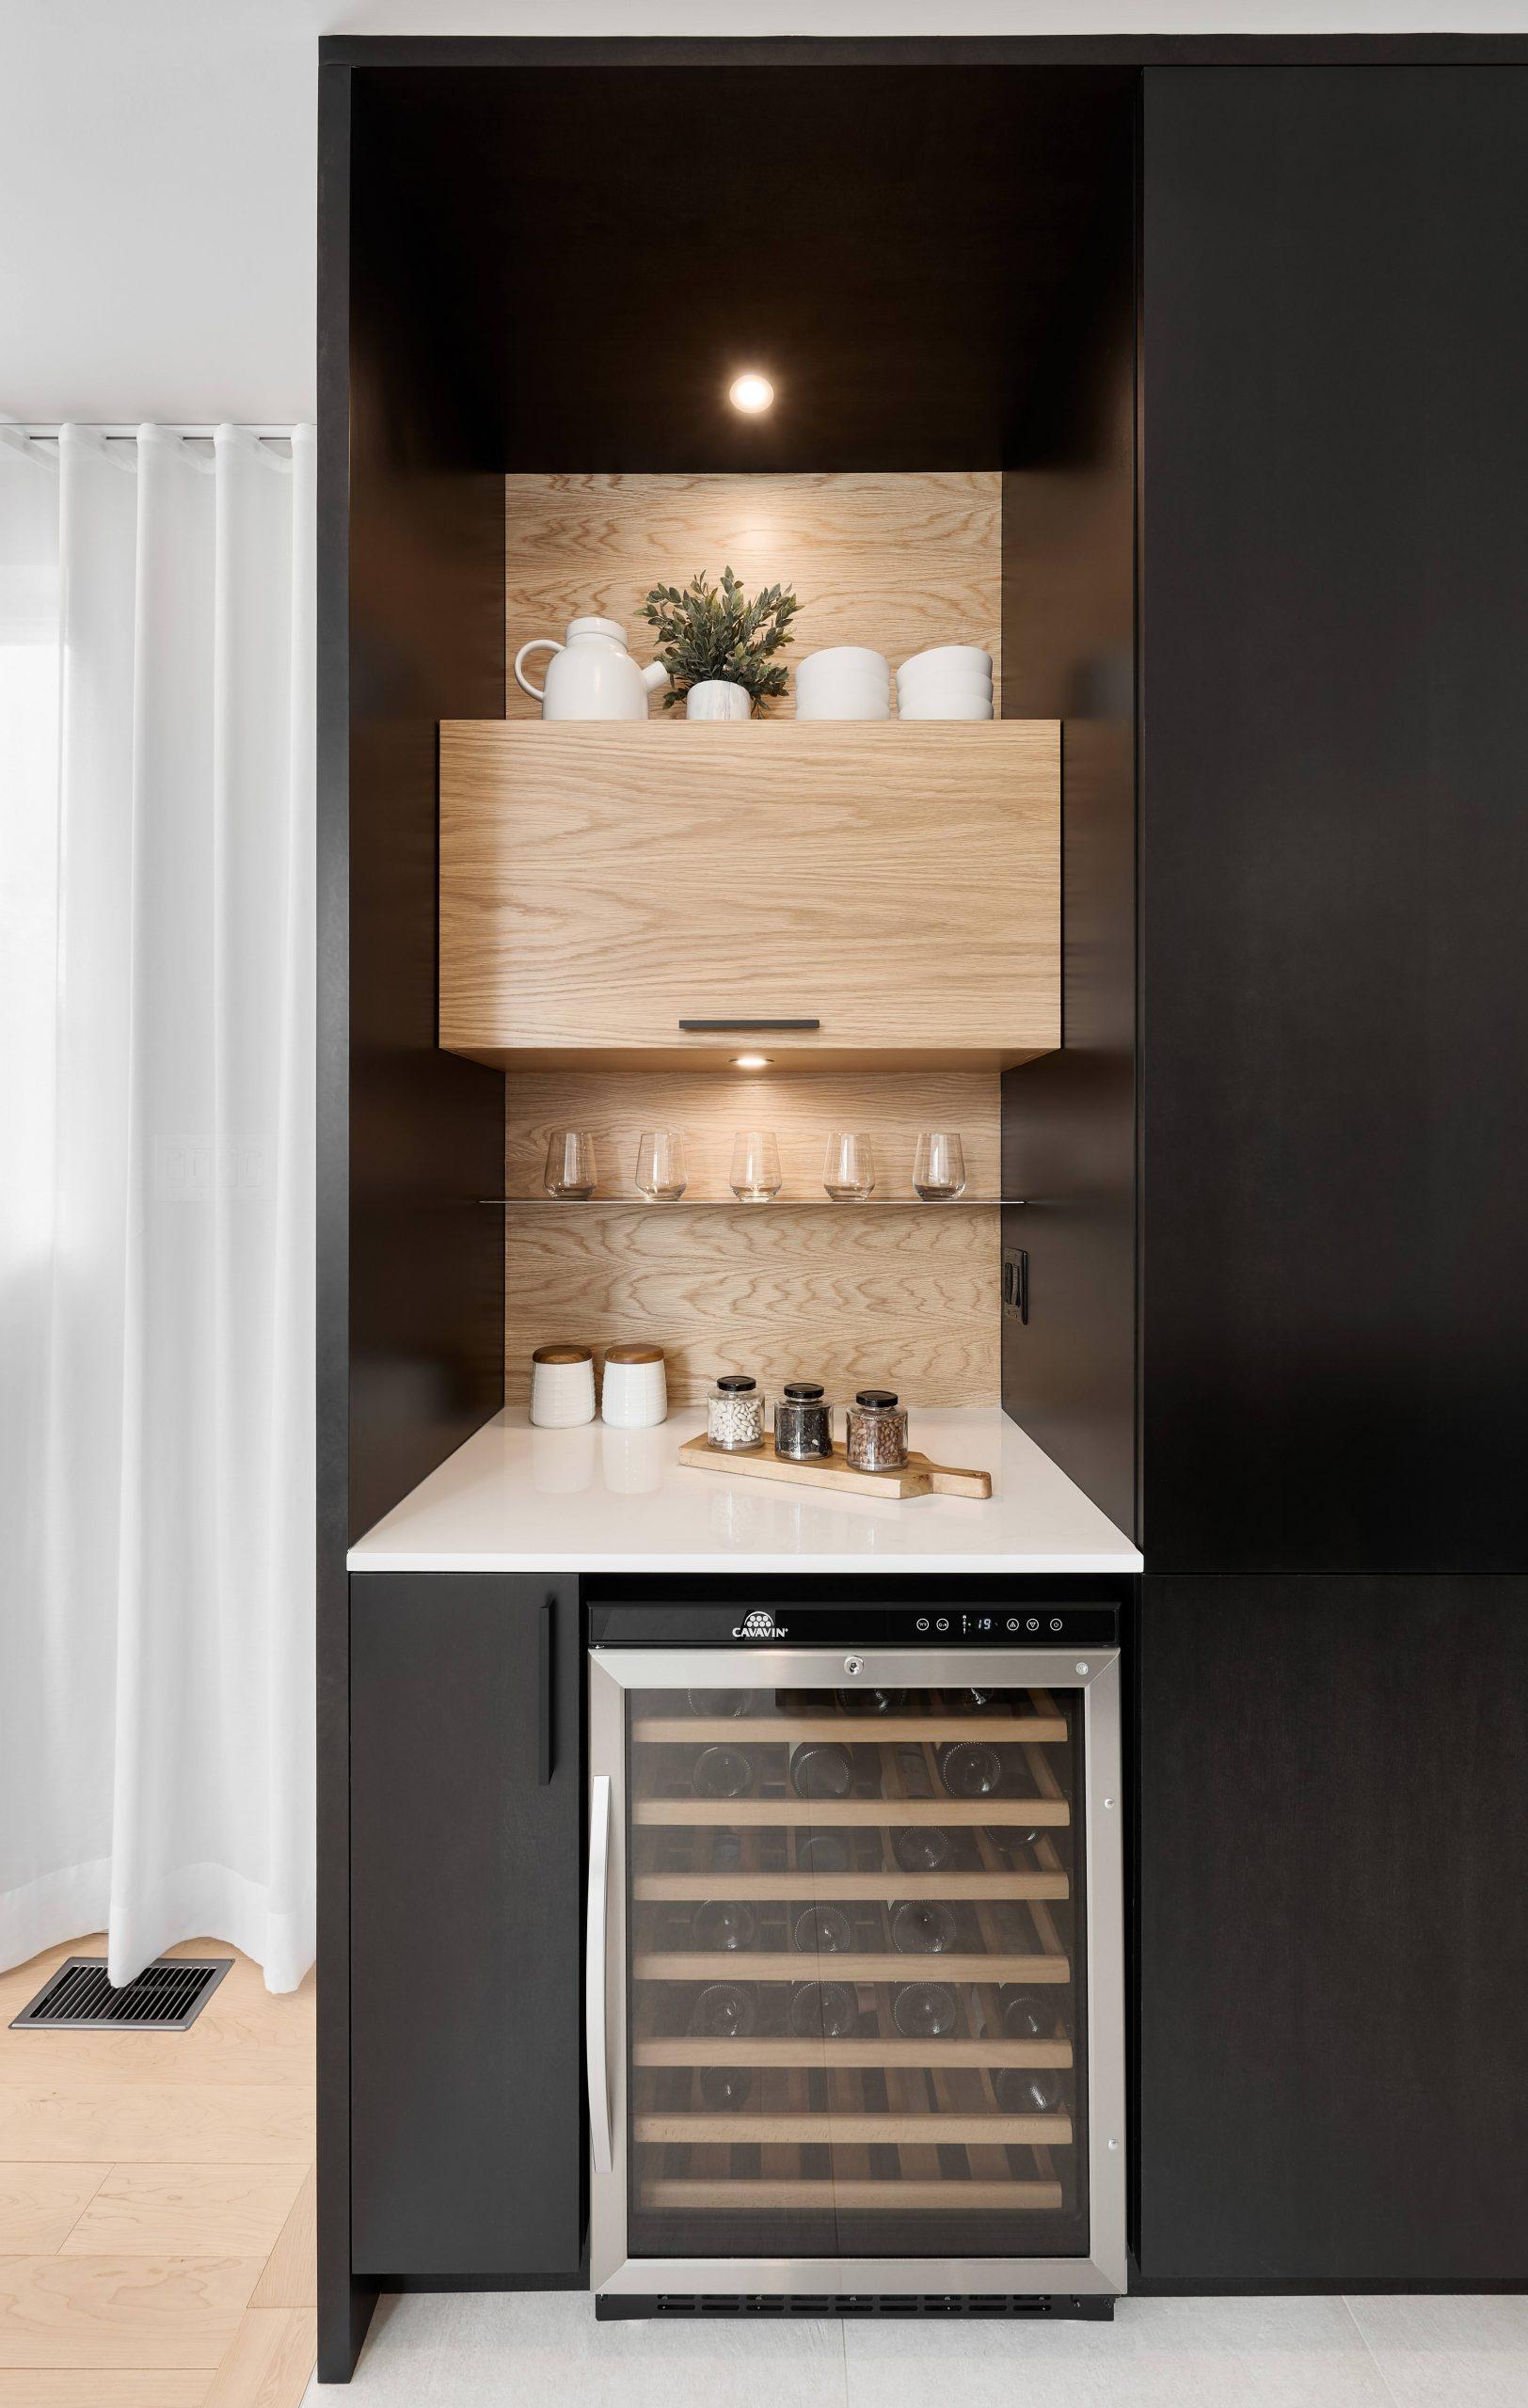 Cabico Custom Cabinets - Projet cuisine Barcelona - vue de l'espace cellier